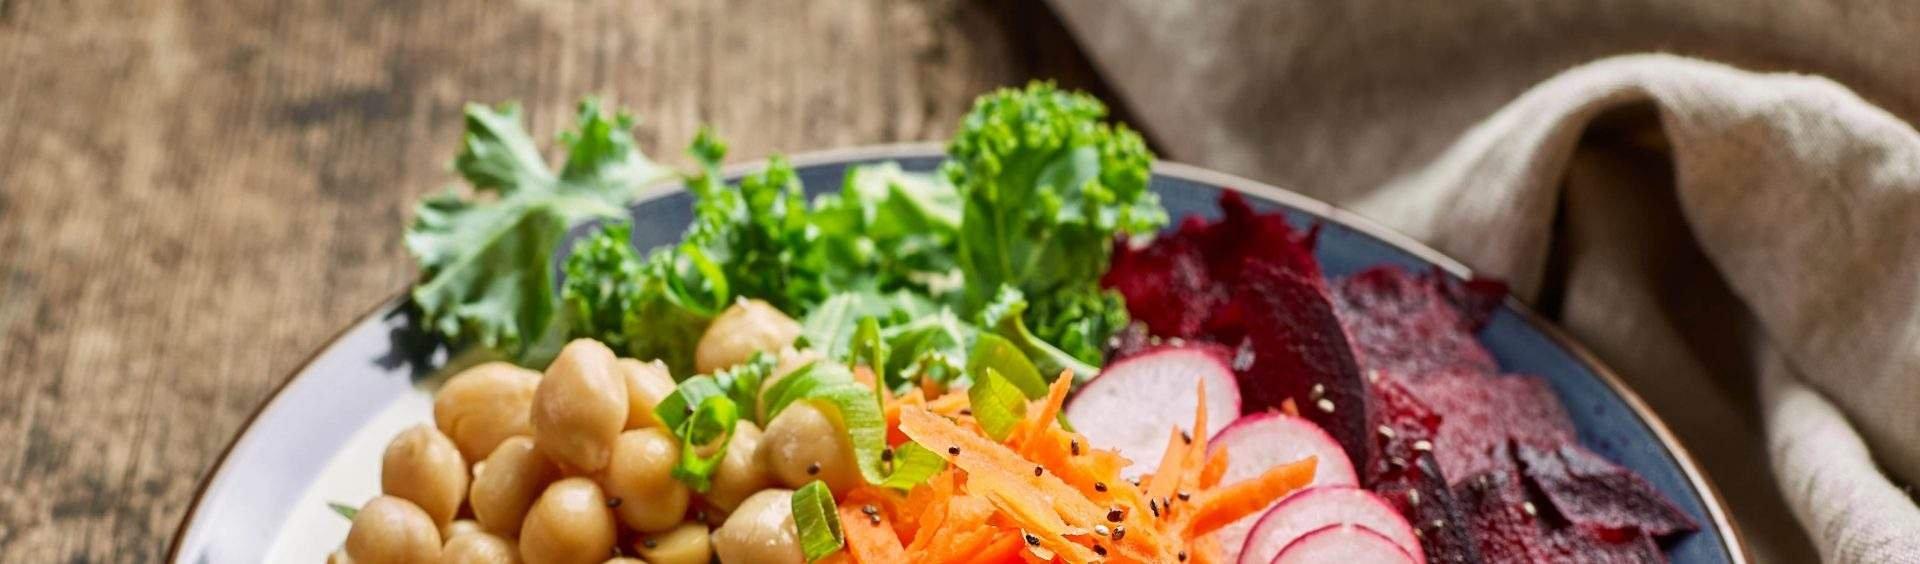 dieta envelhecimento saudável